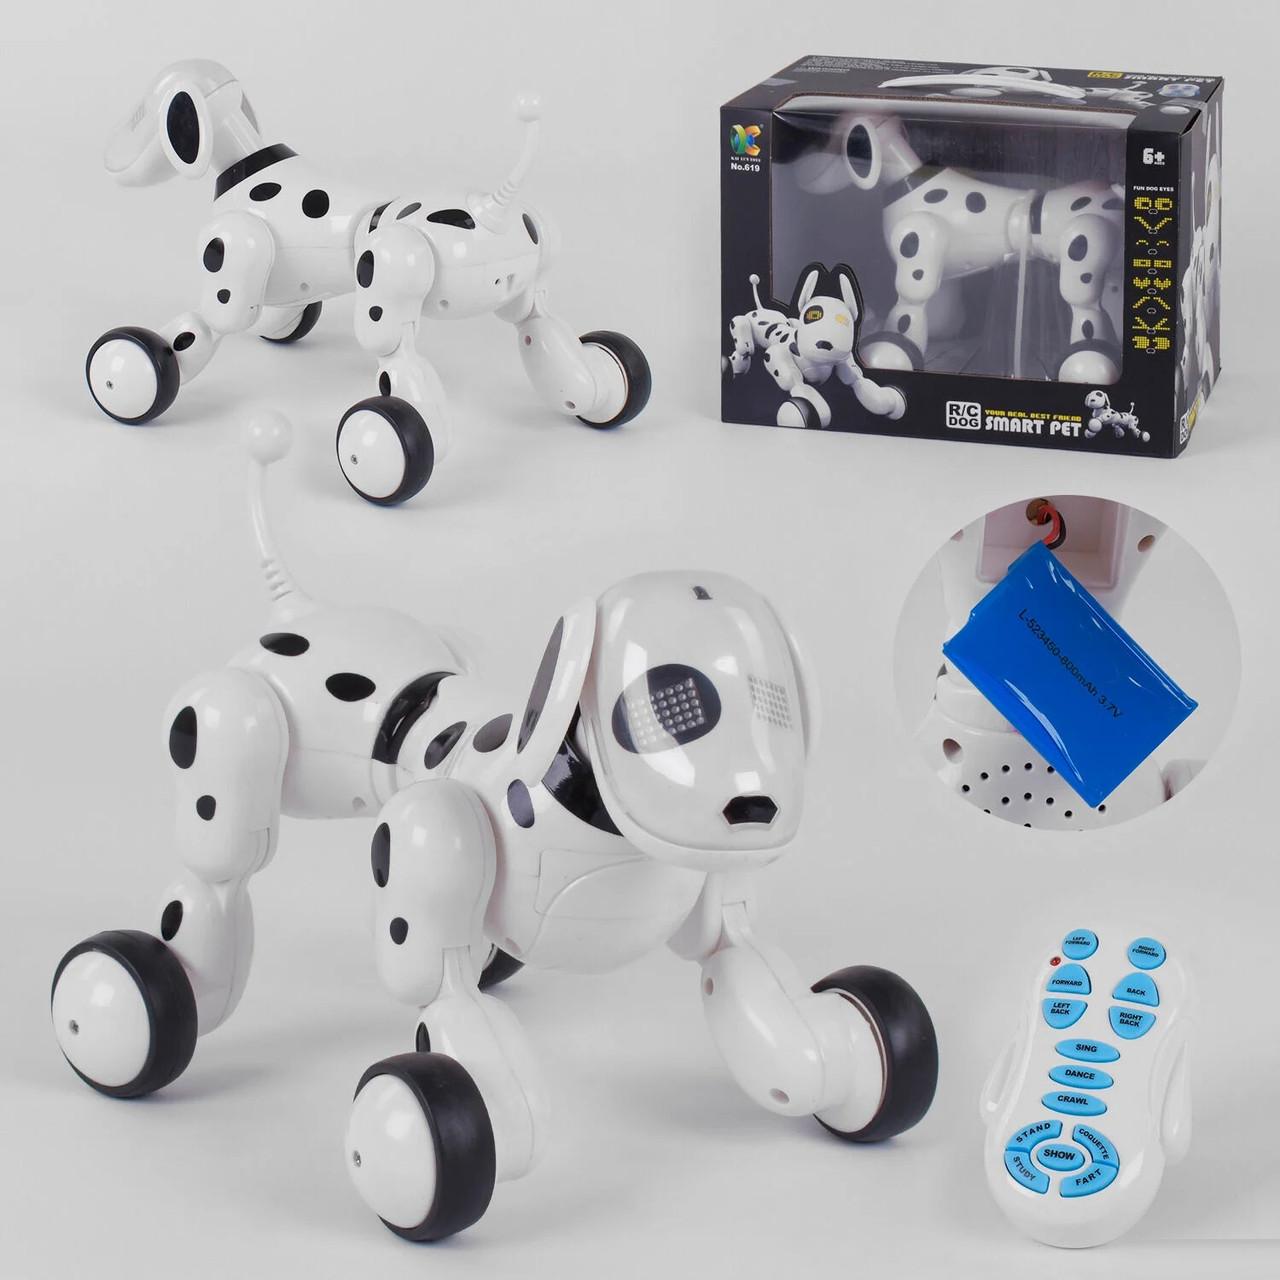 Багатофункціональна інтерактивна робот-собака 619 на радіокеруванні світлові і звукові ефекти